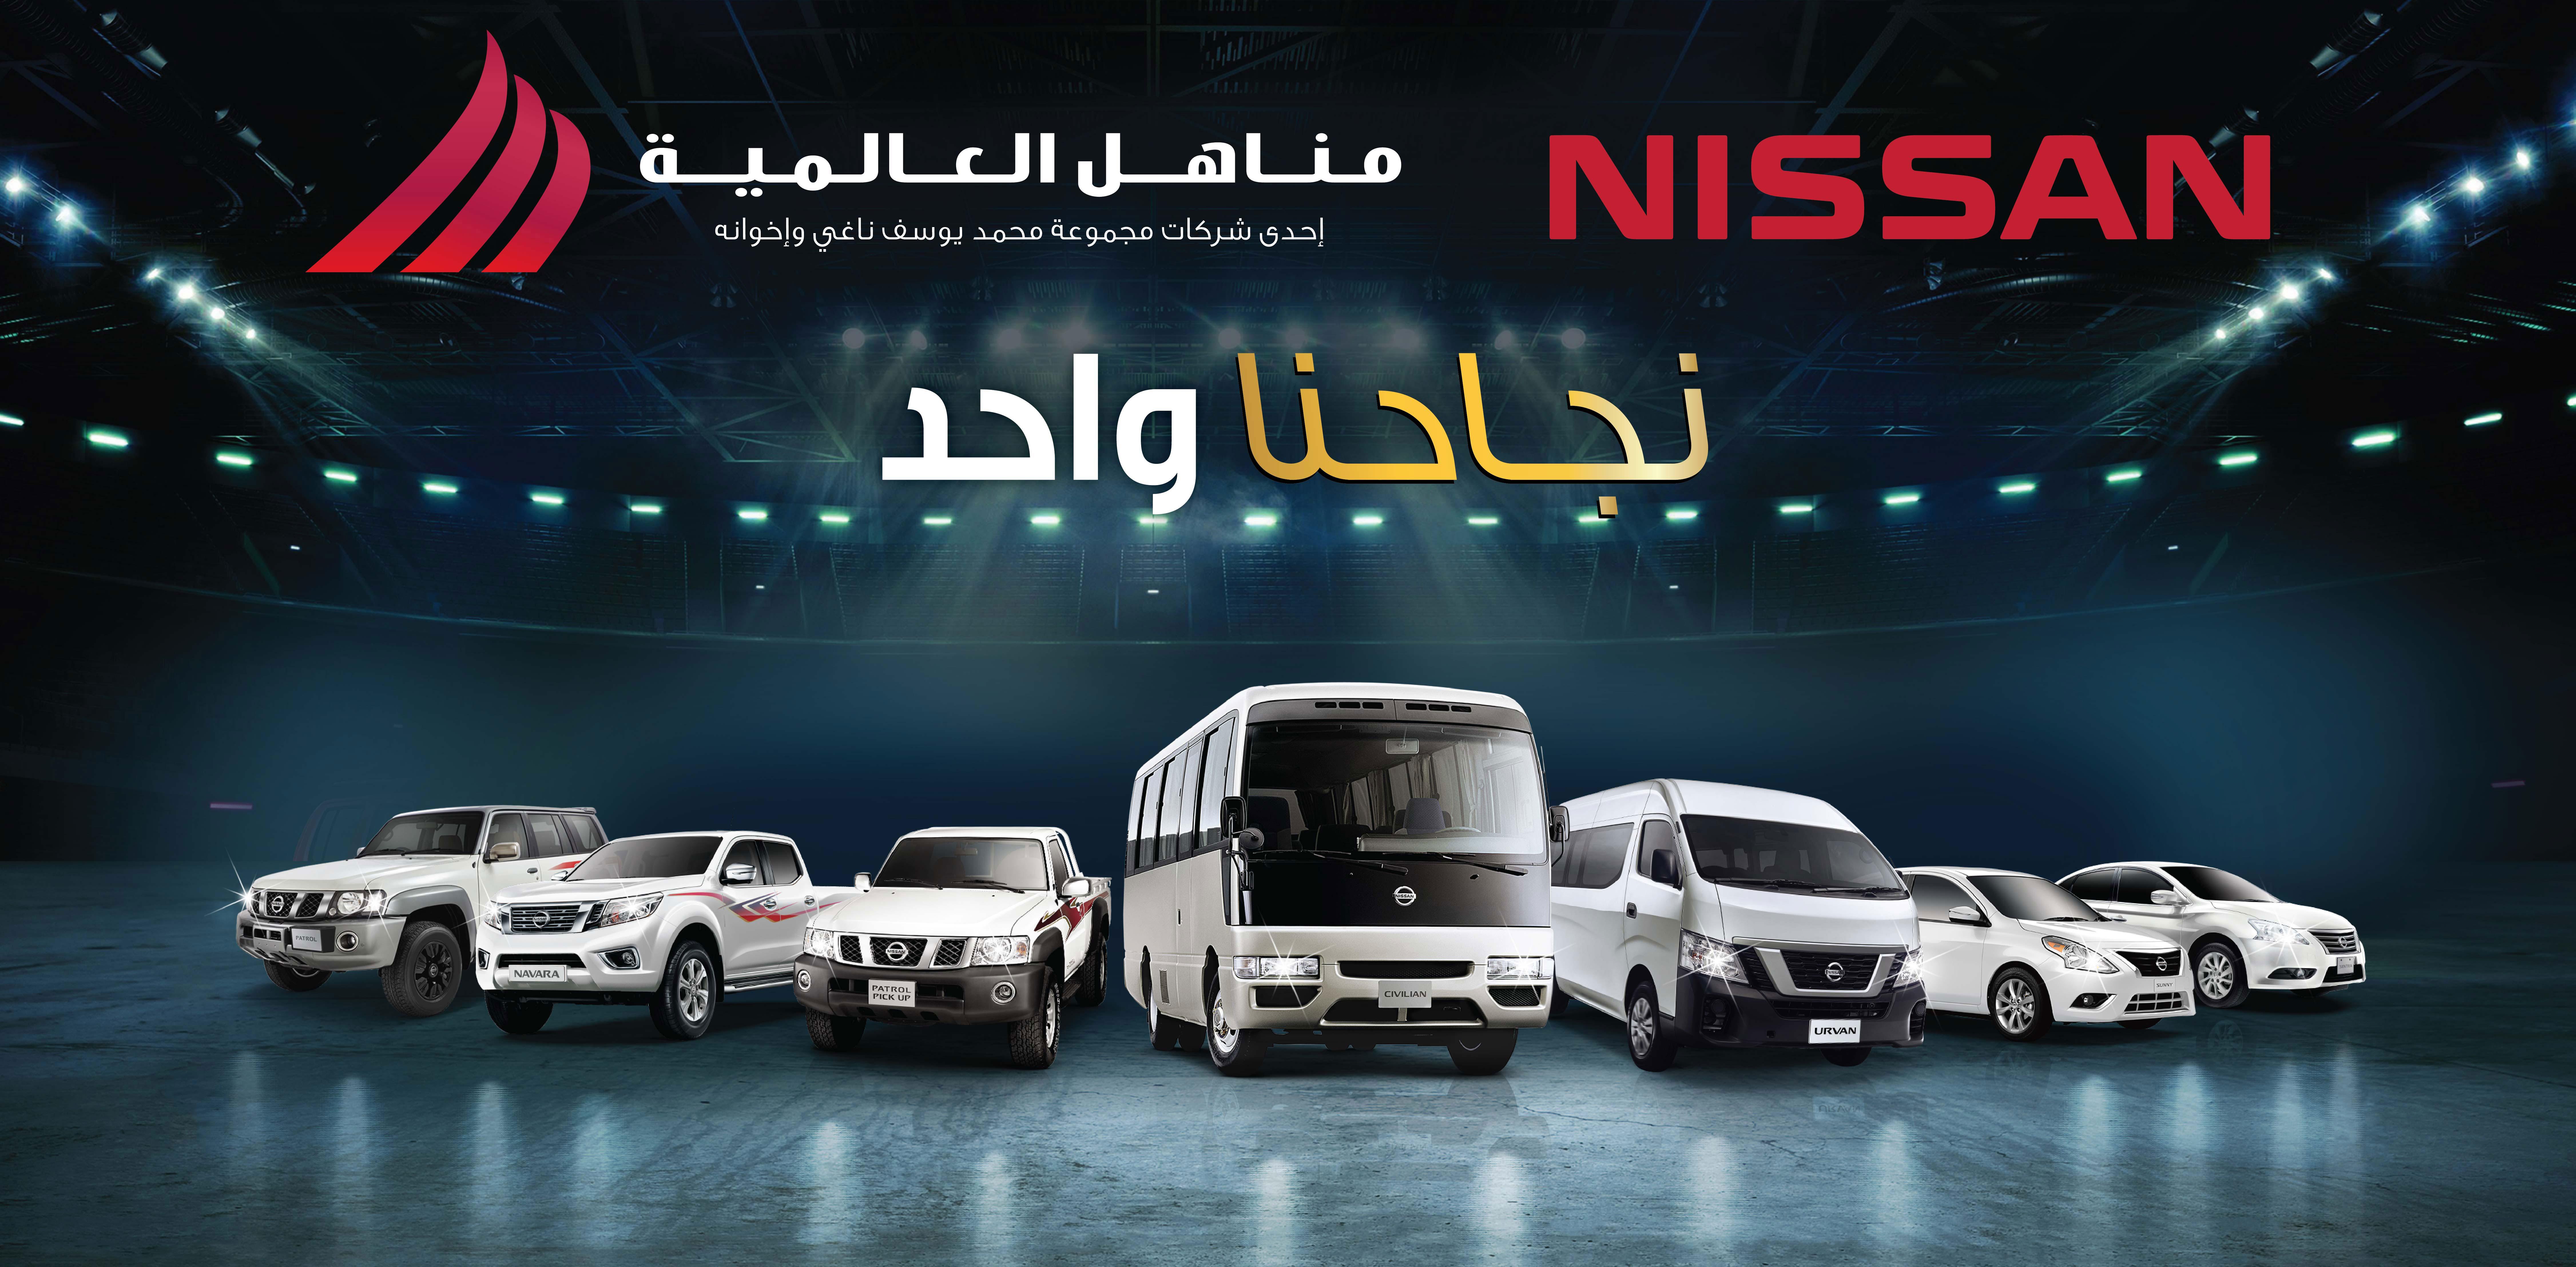 مجموعة سيارات نيسان من مناهل